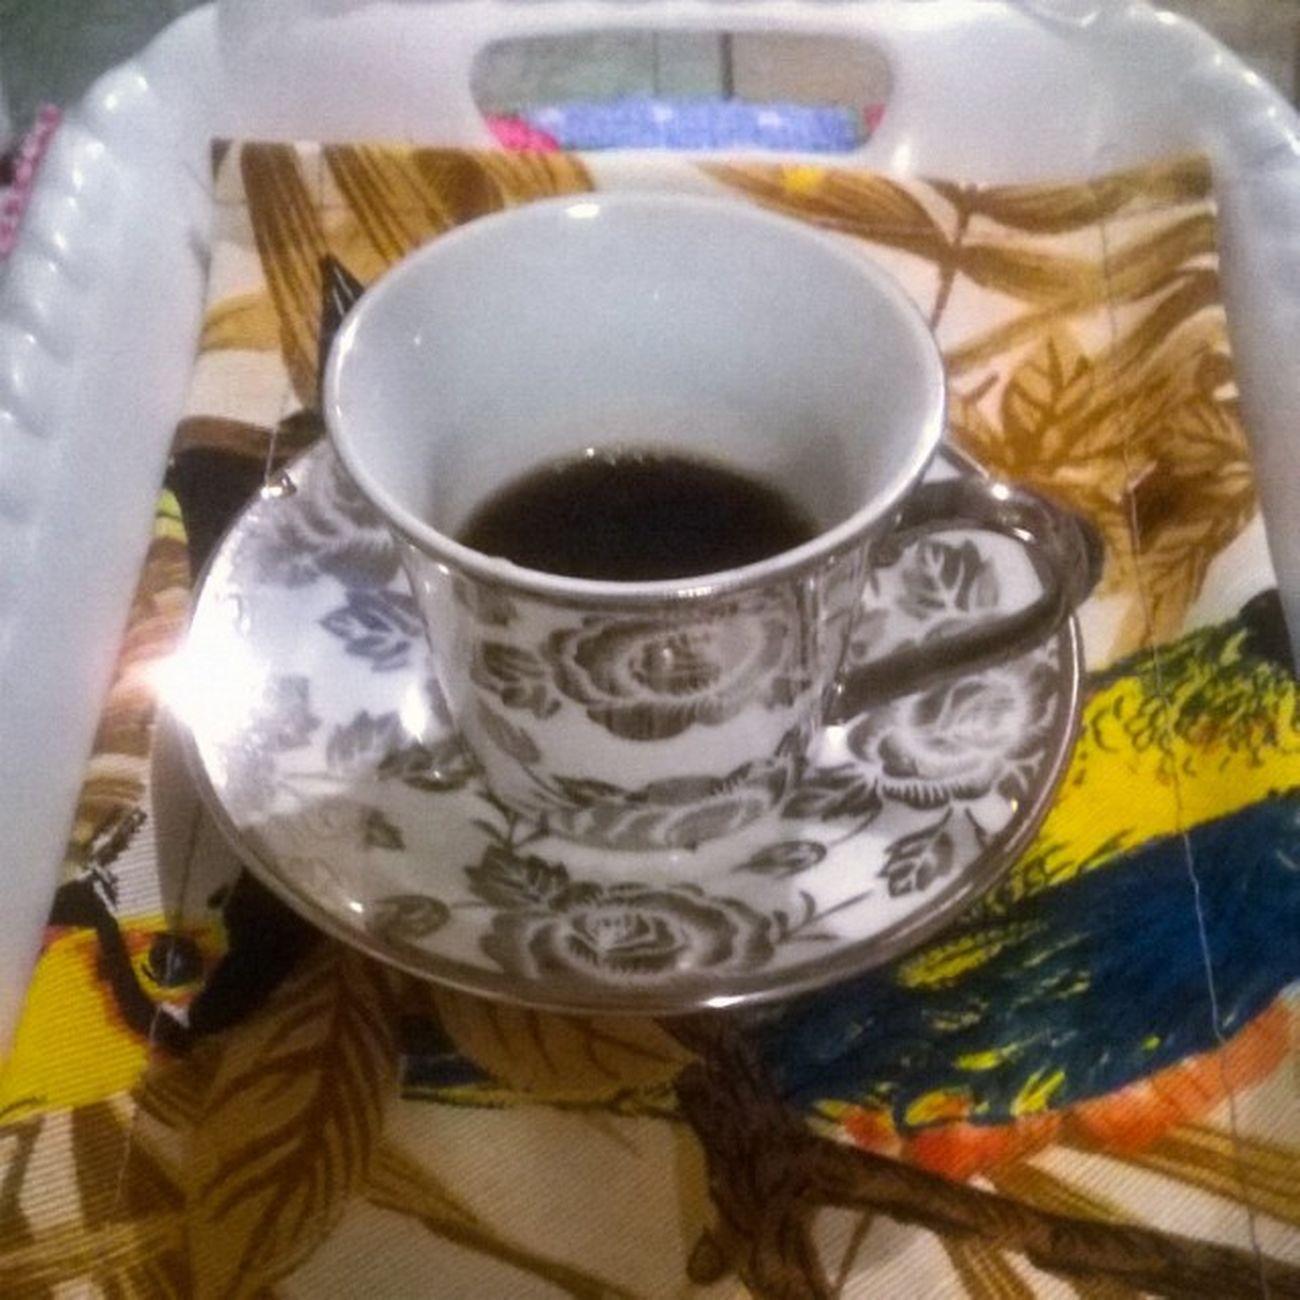 Meu cafezinho agora... A xícara ganhei de presente da minha irmã preta. 💖💖💖💖💖 ☕☕☕☕☕ Amoganharpresente Amopresentear